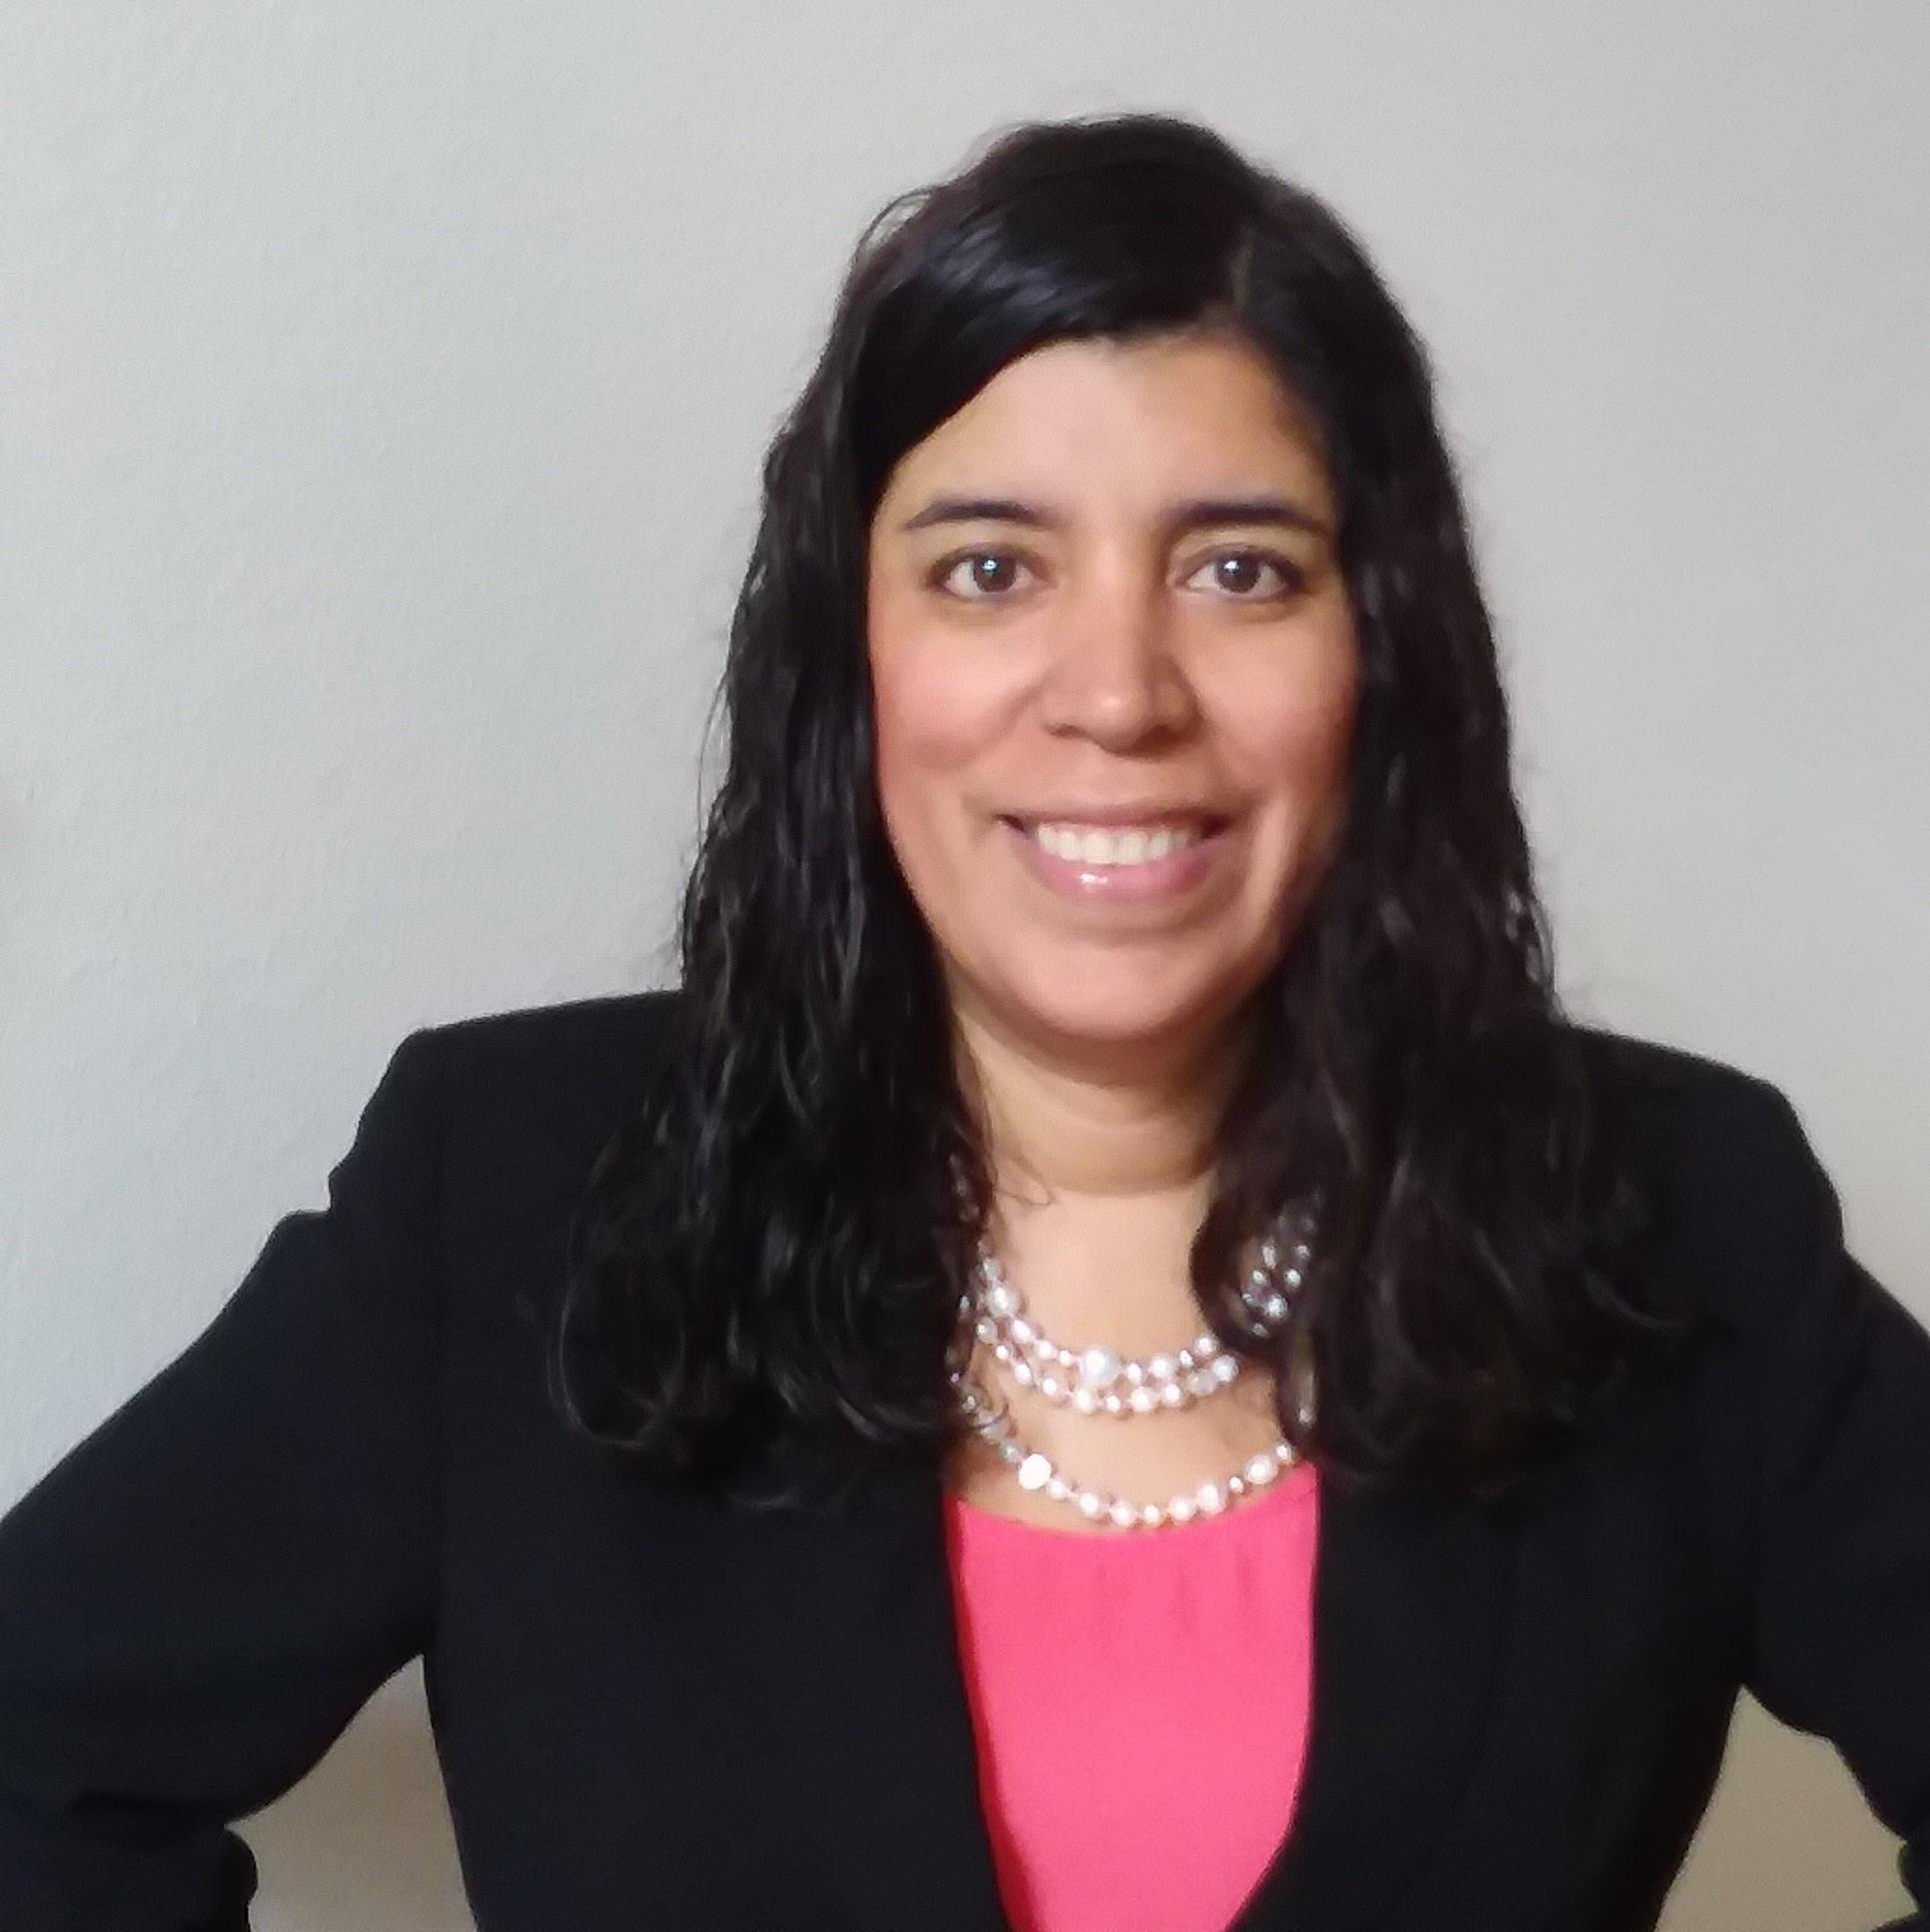 Maria Jimenez-Photocopy2.jpg